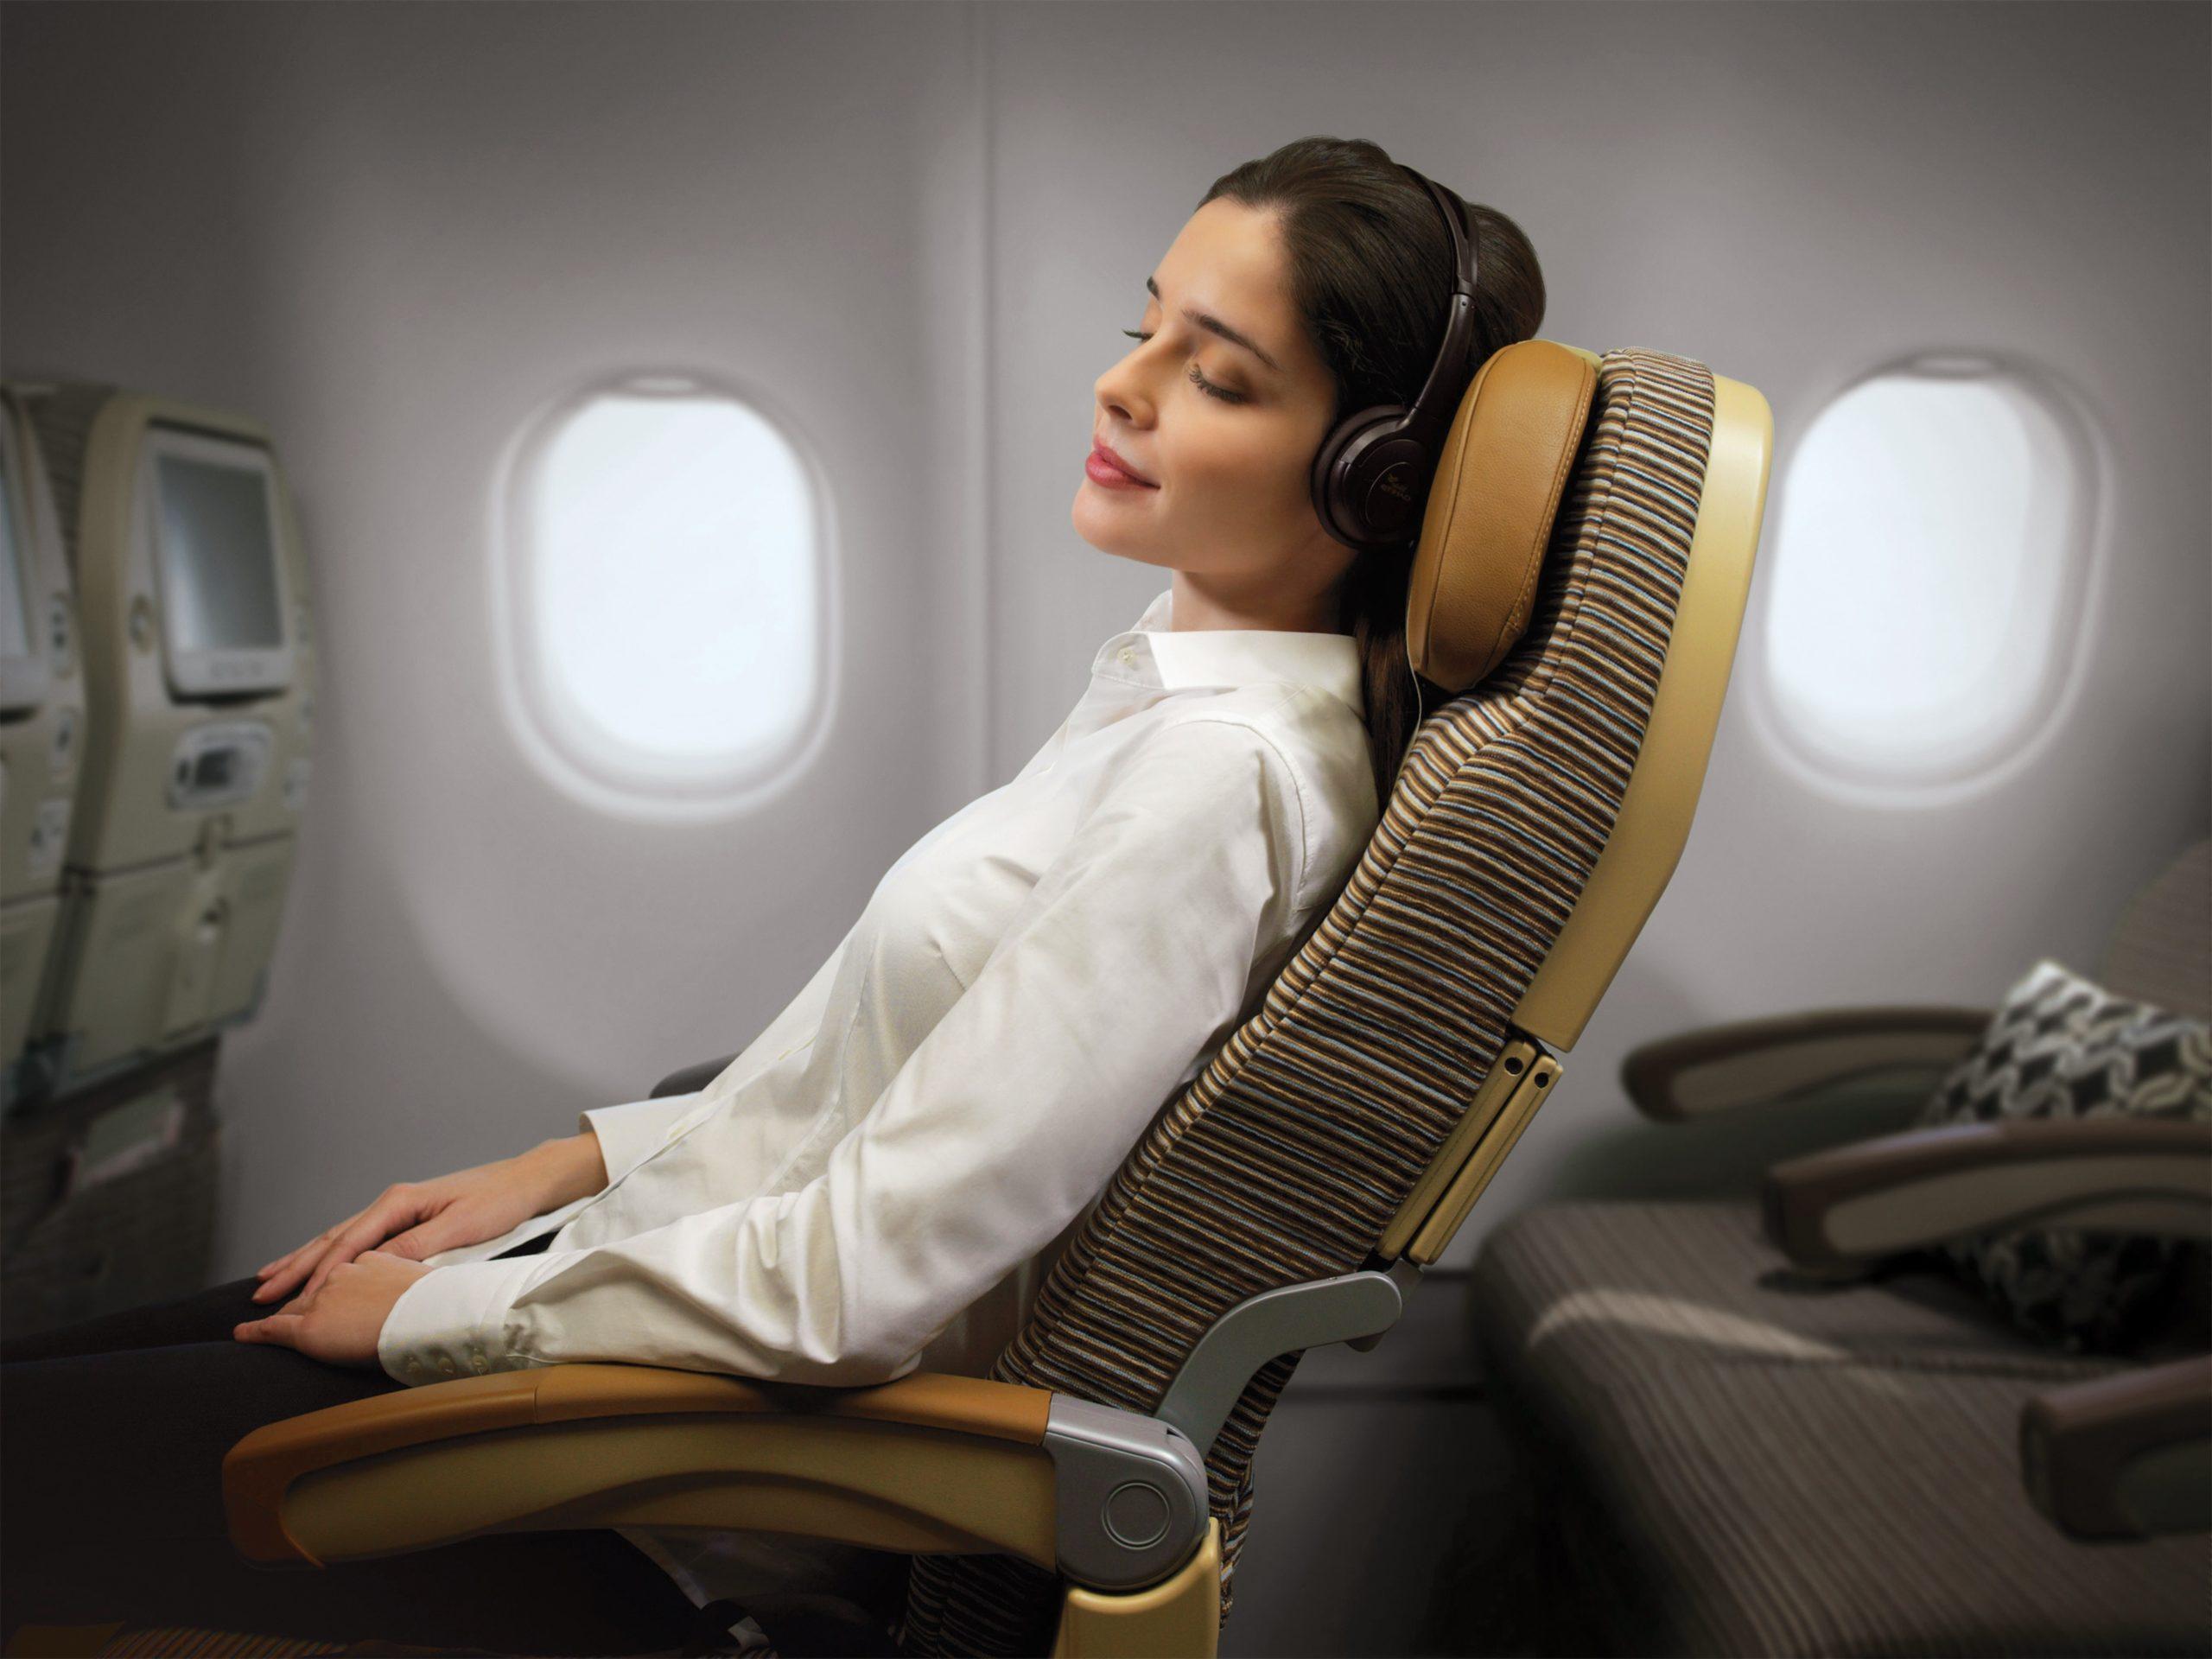 Путешествие самолетом: как чувствовать себя комфортно